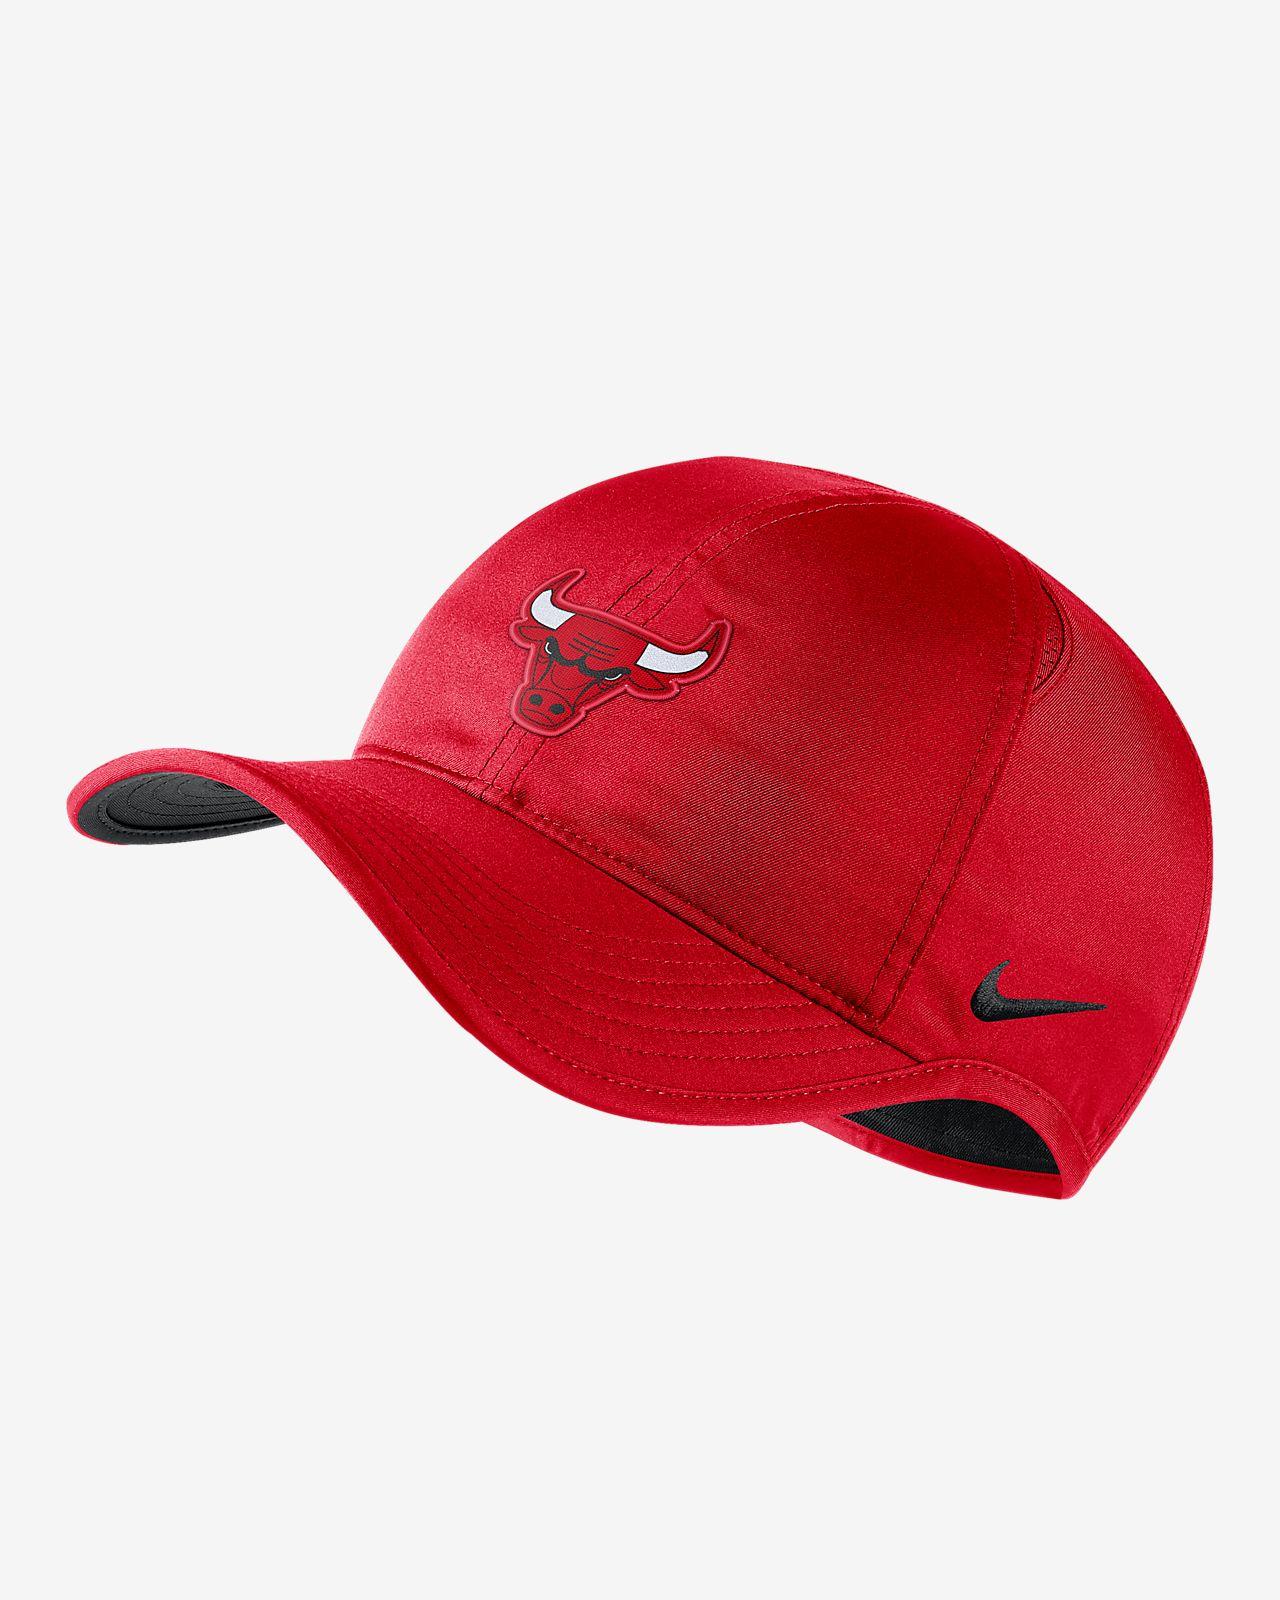 48af1881dac Chicago Bulls Nike AeroBill Featherlight NBA Hat. Nike.com